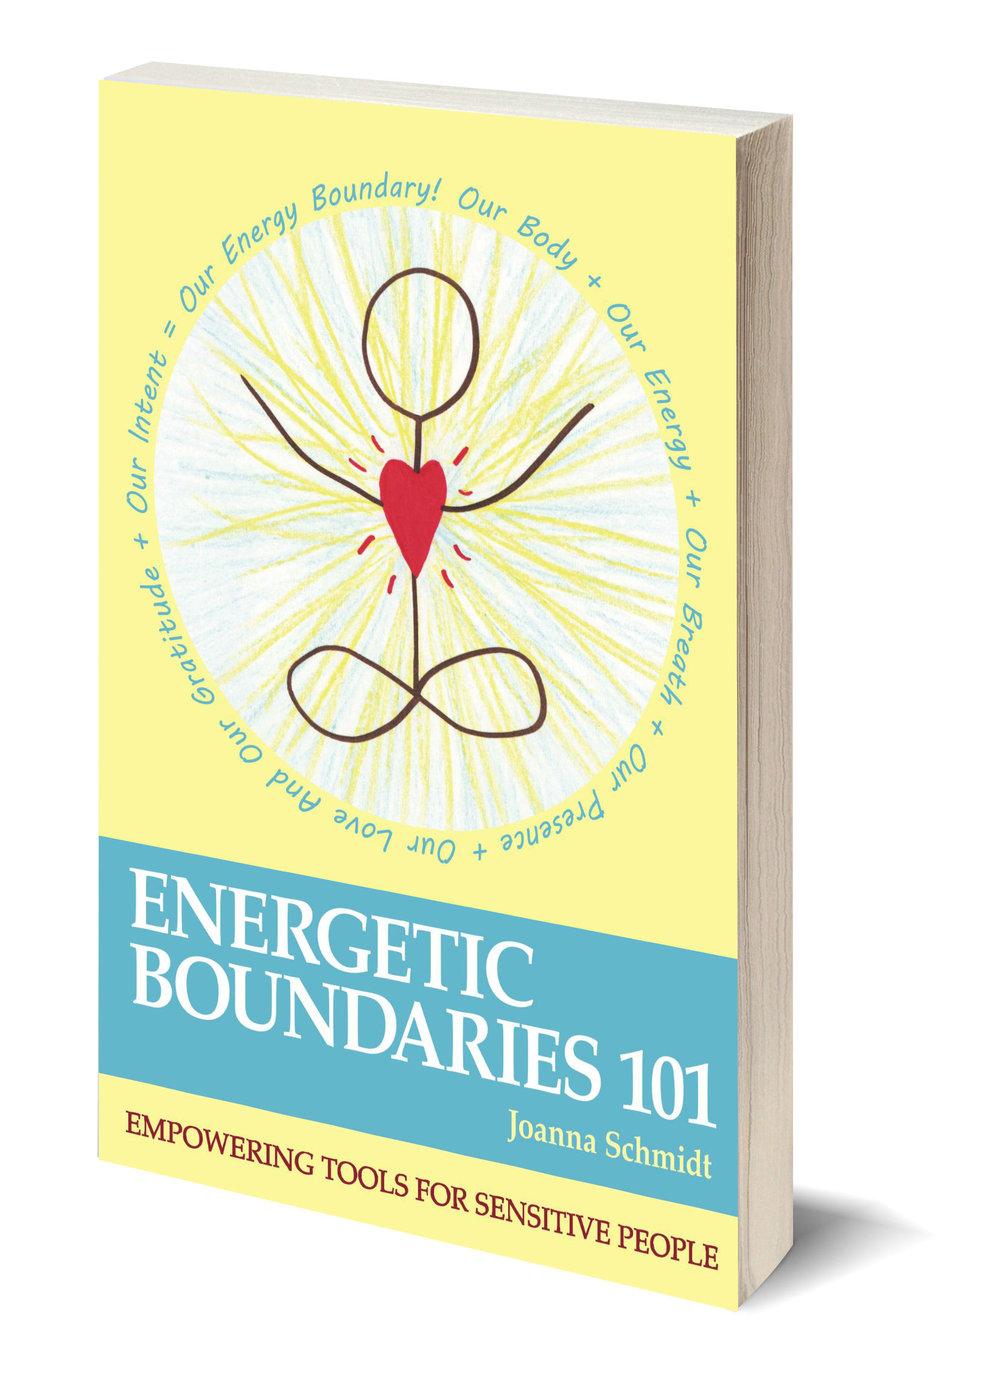 Energetic Boundaries 101